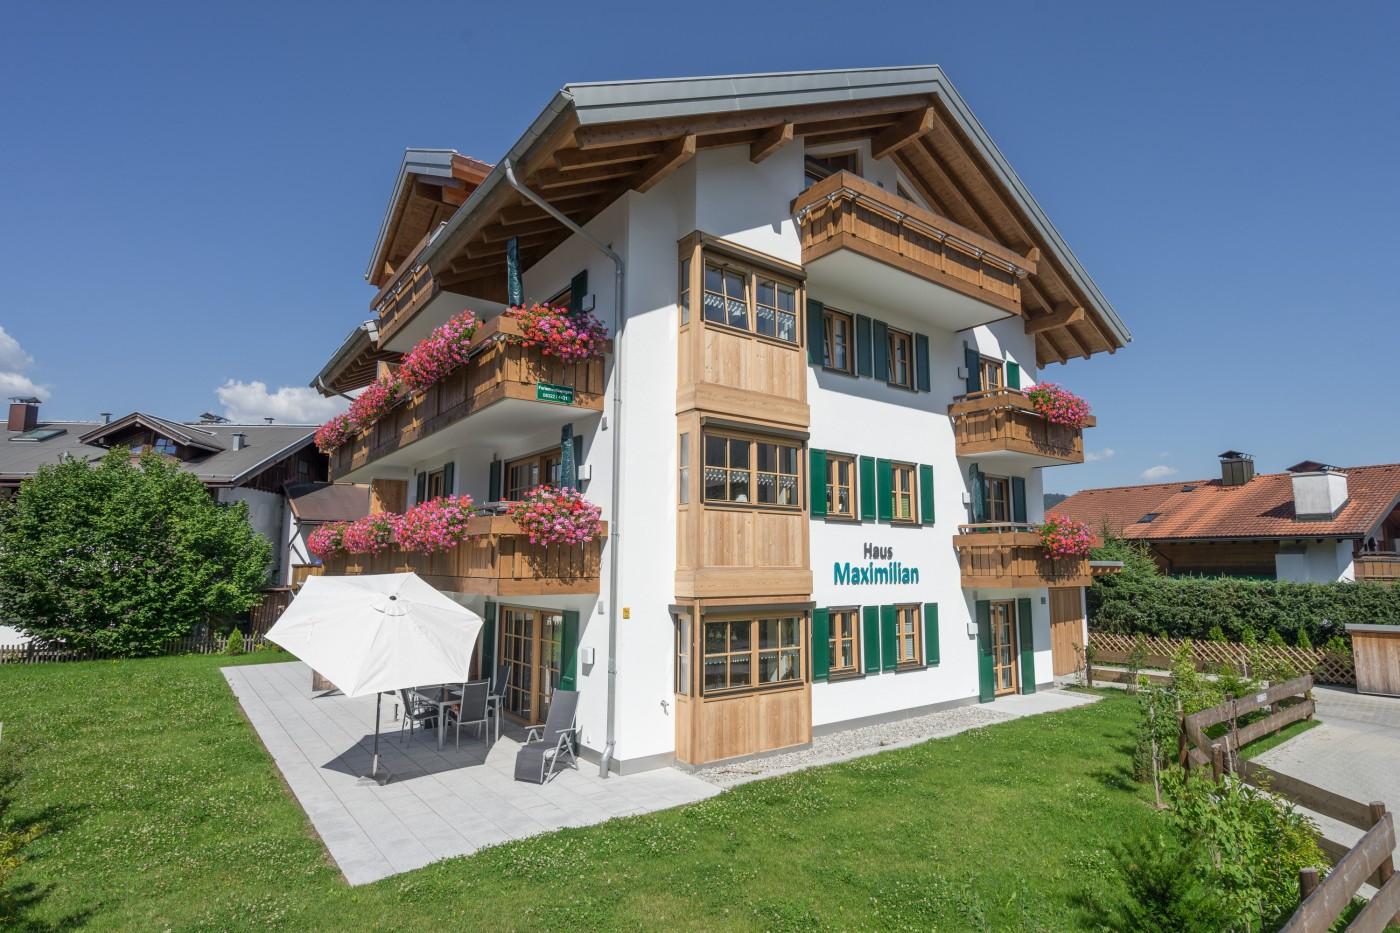 Haus Maximilian, Kober / Ferienwohnung M1 Ferienwohnung im Allgäu